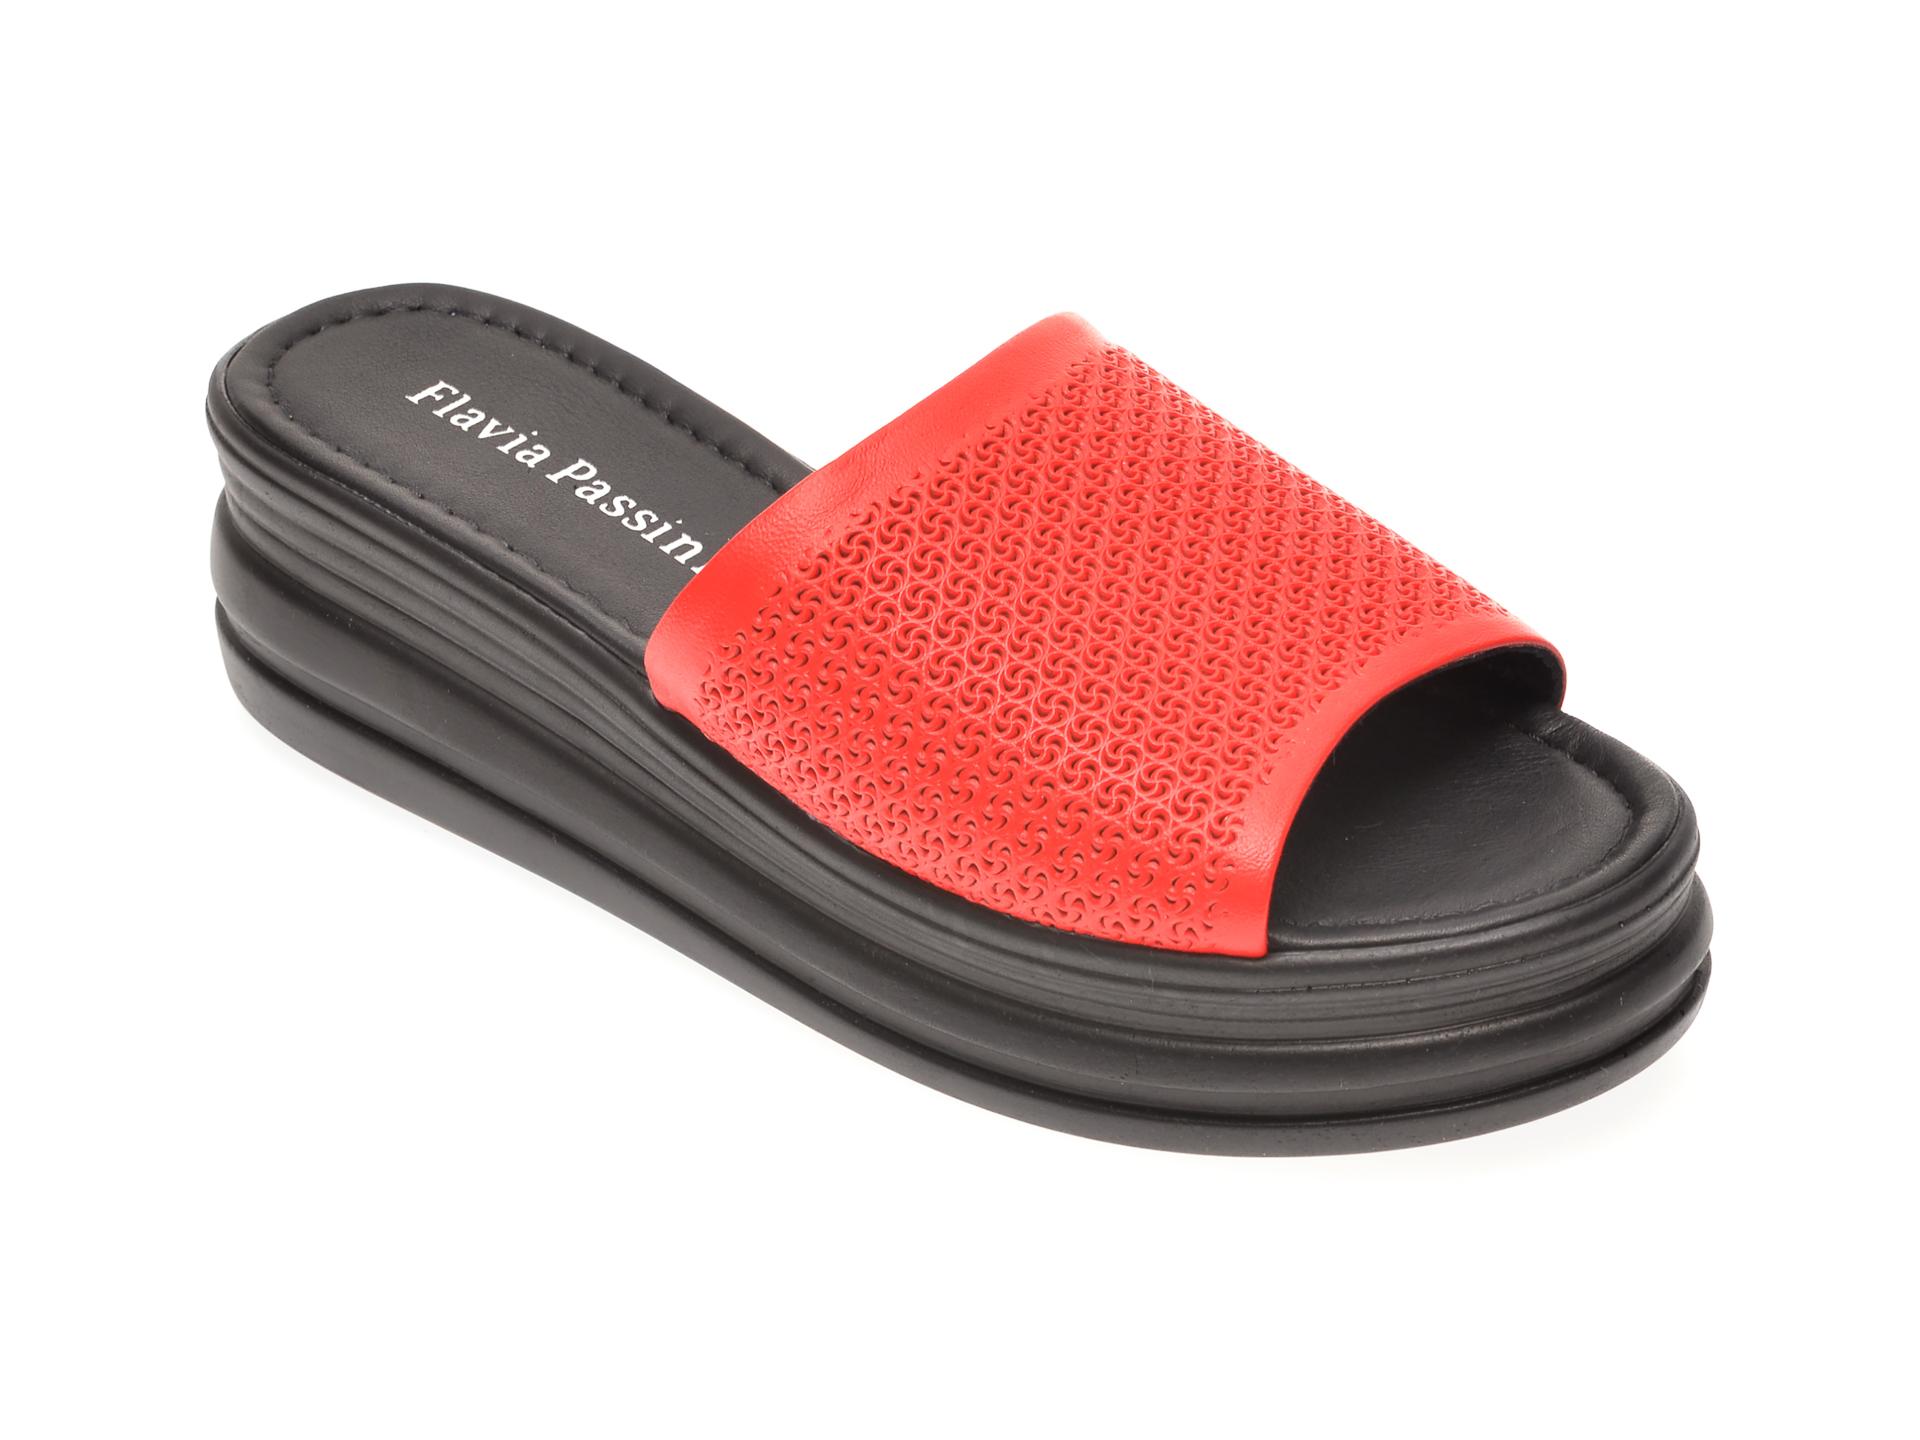 Papuci FLAVIA PASSINI rosii, 1182590, din piele naturala